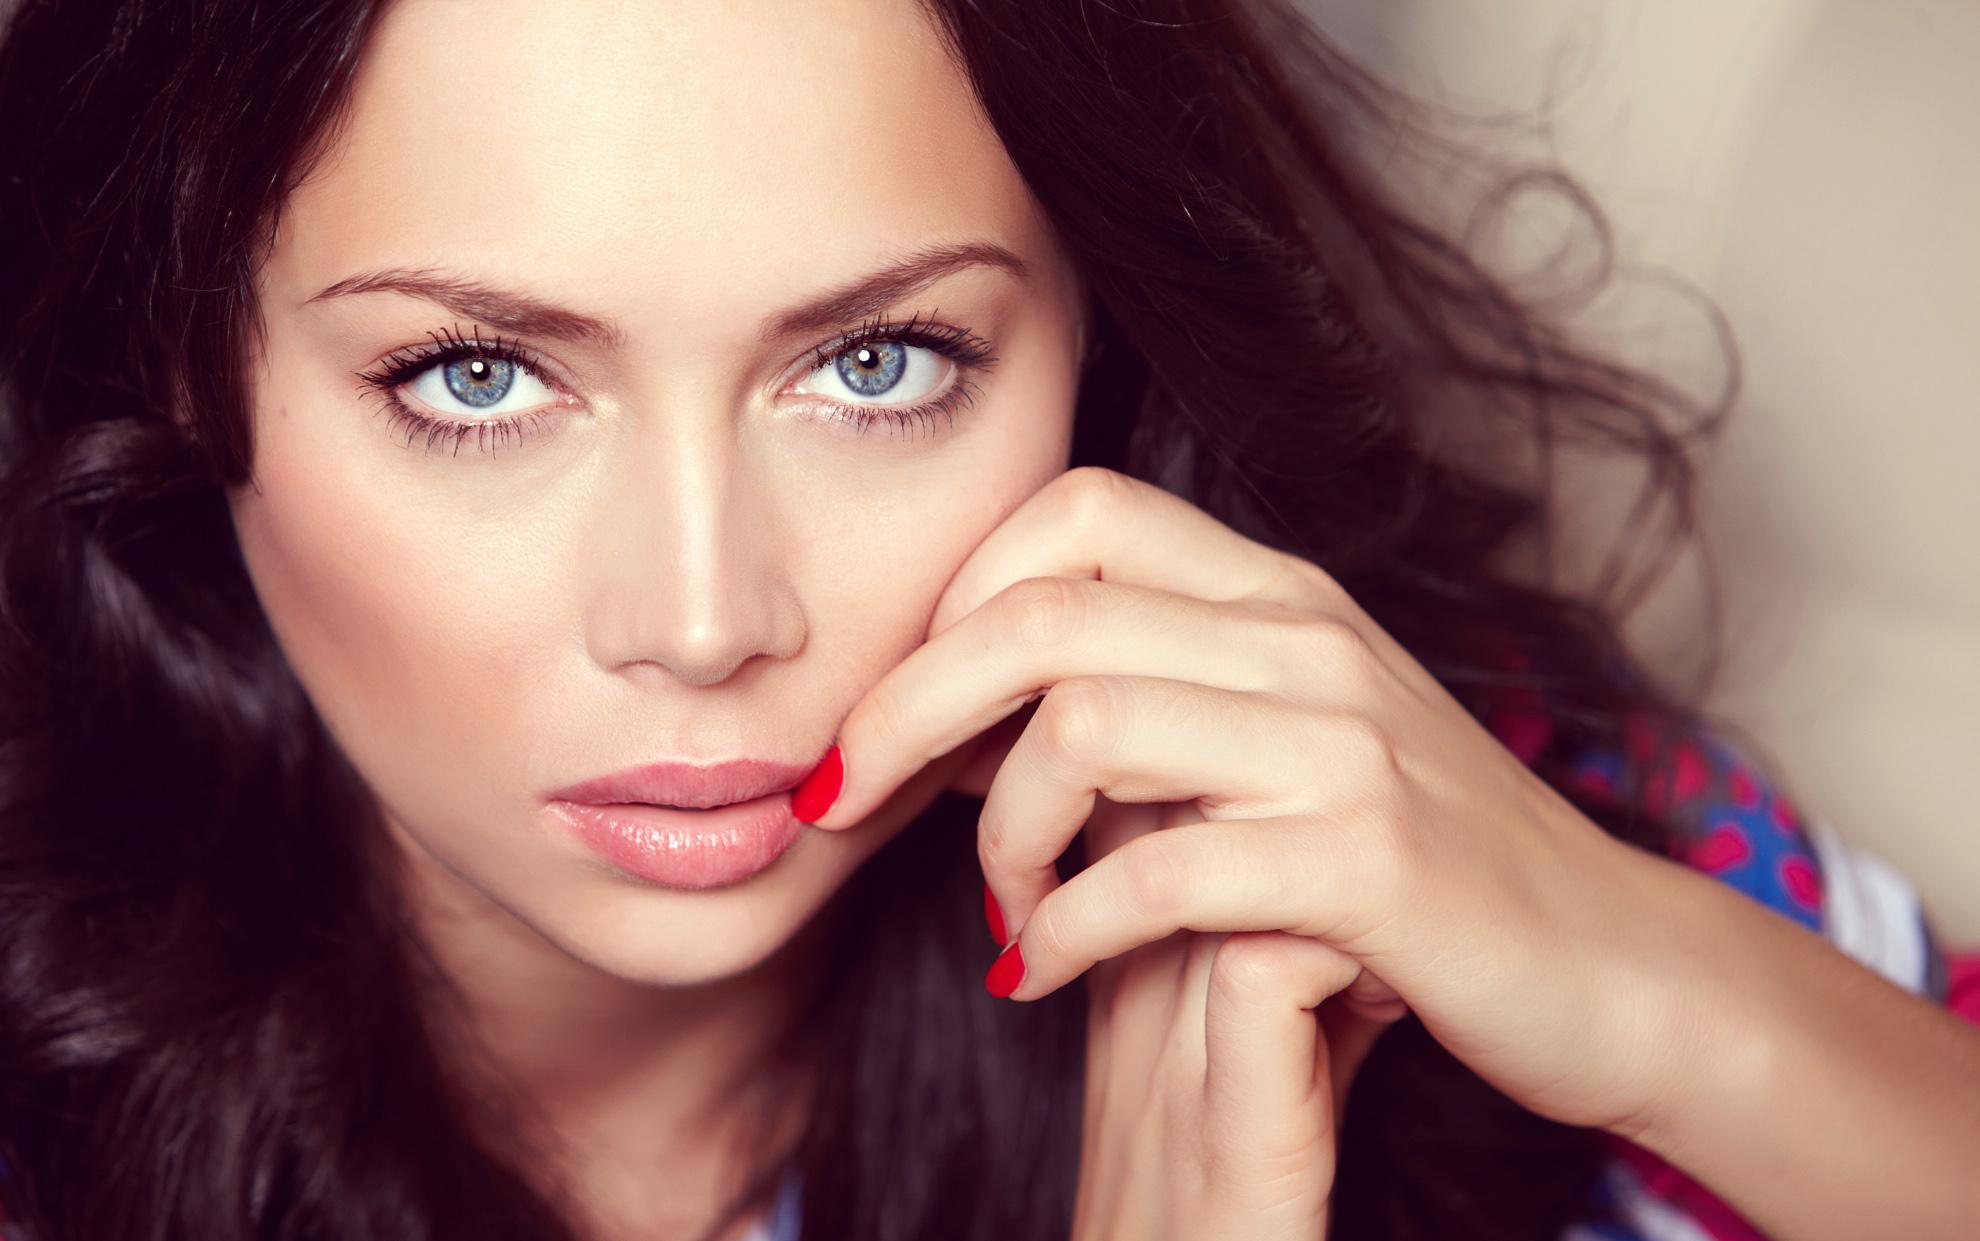 Актриса Настасья Самбурская совратила несовершеннолетнего